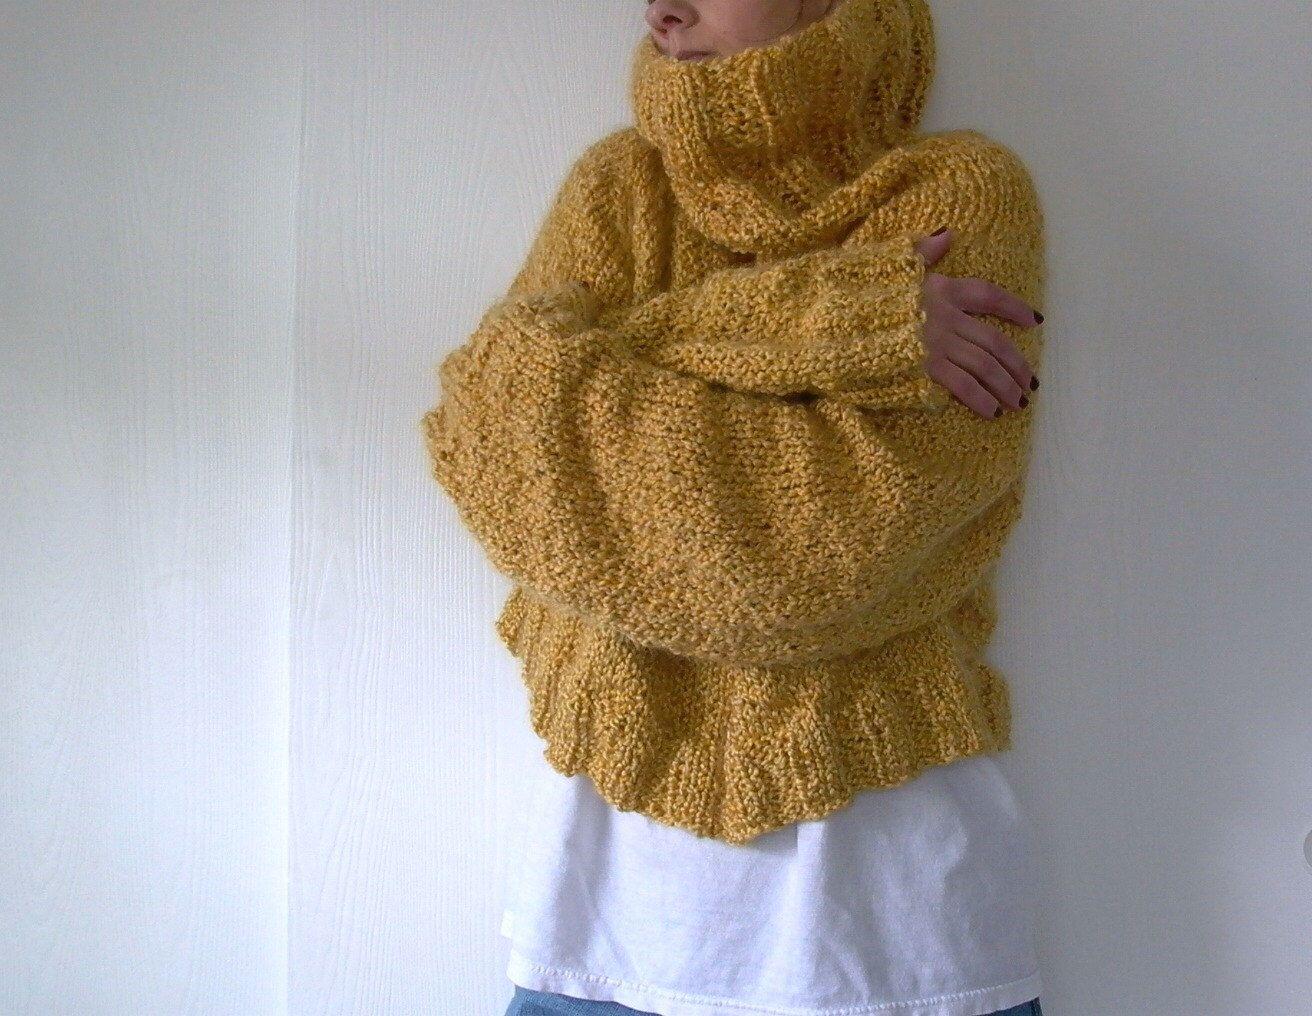 Easy like sunday oversized sweater knitting pattern cropped easy like sunday oversized sweater knitting pattern cropped sweater pattern cowl neck chunky knit sweater pattern pdf knit pattern bankloansurffo Choice Image